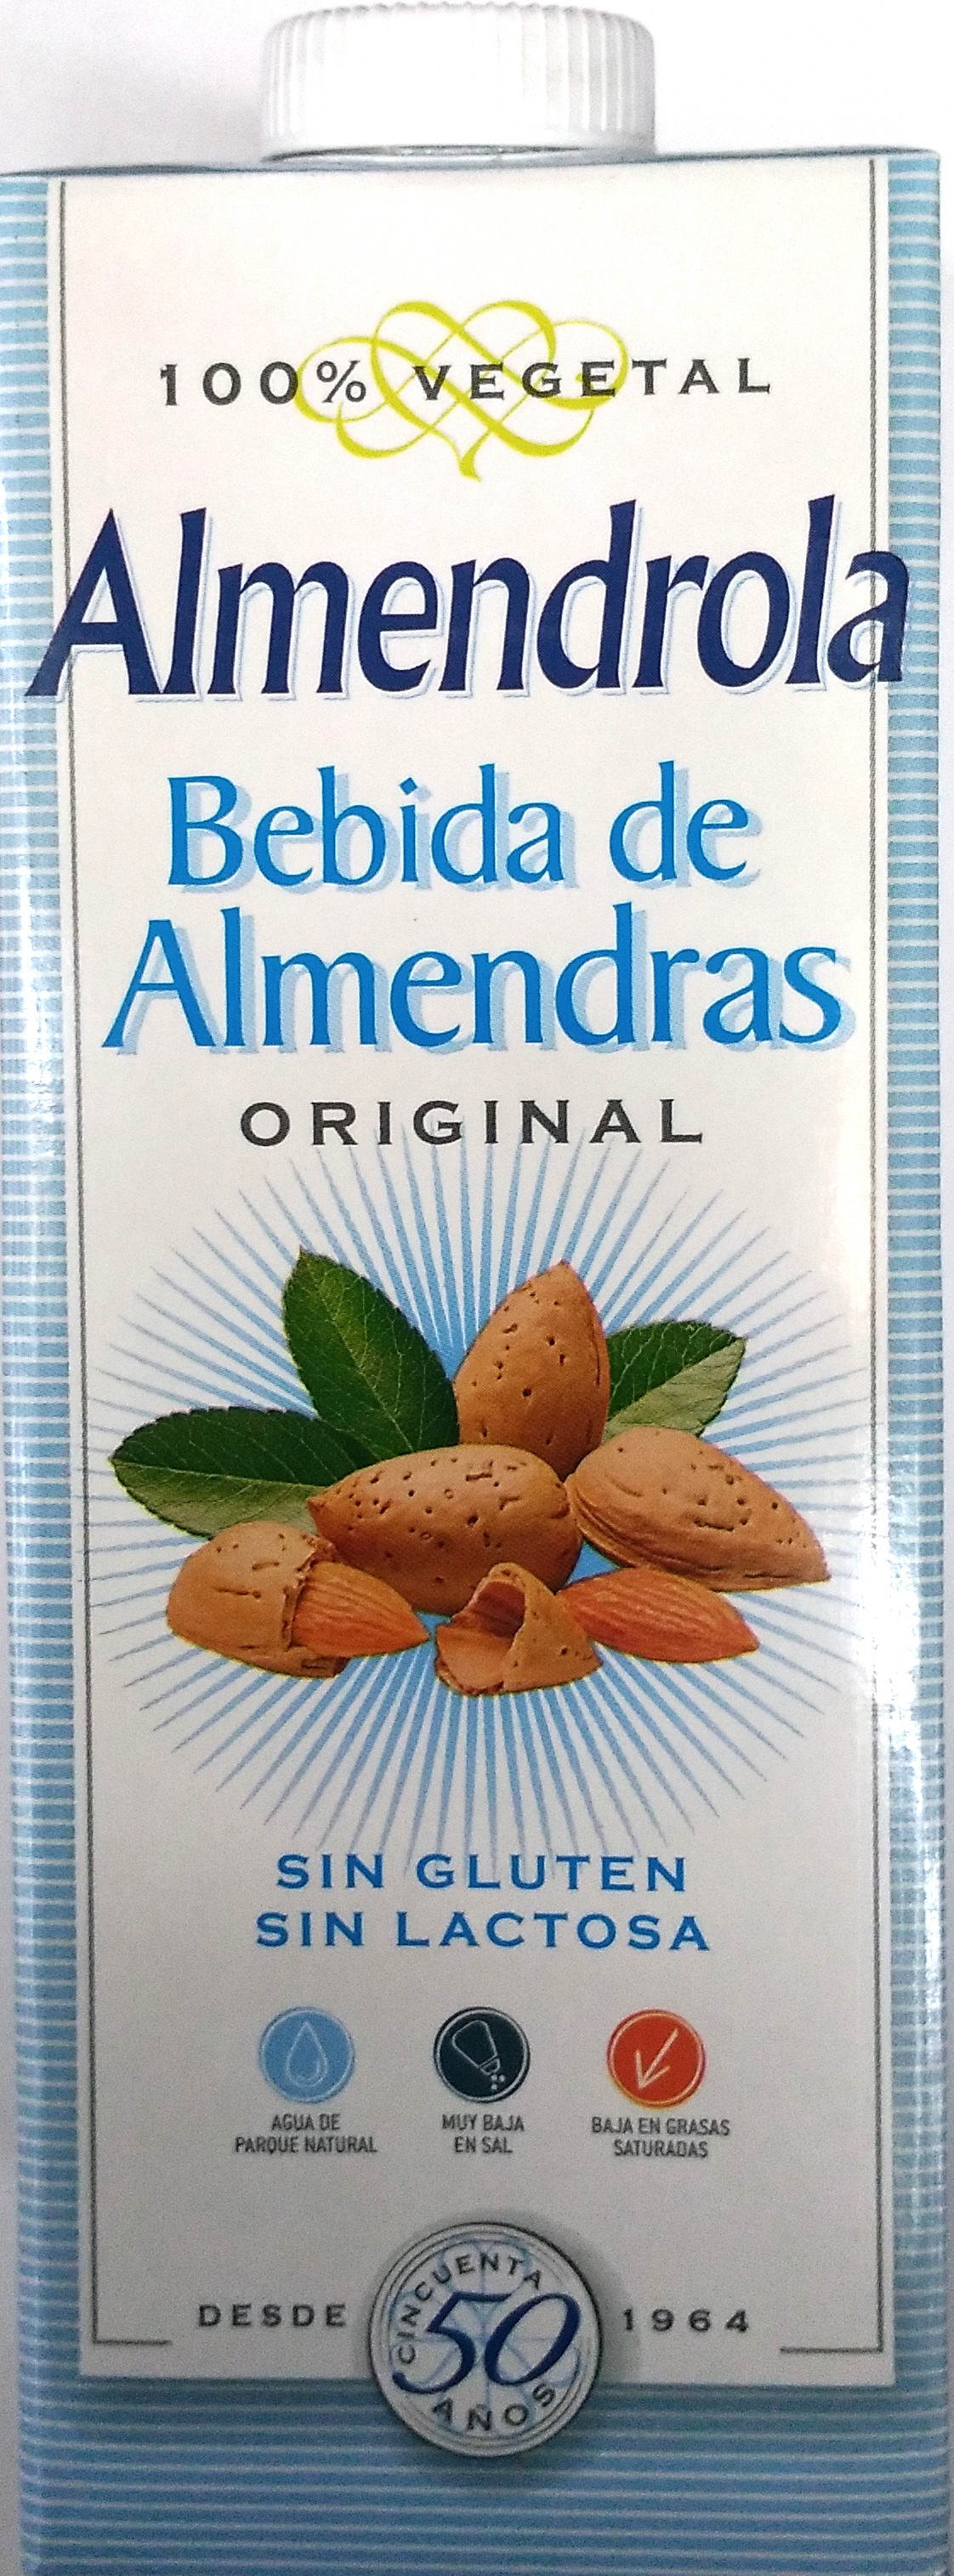 Bebida Almendrola Tradicional 1l